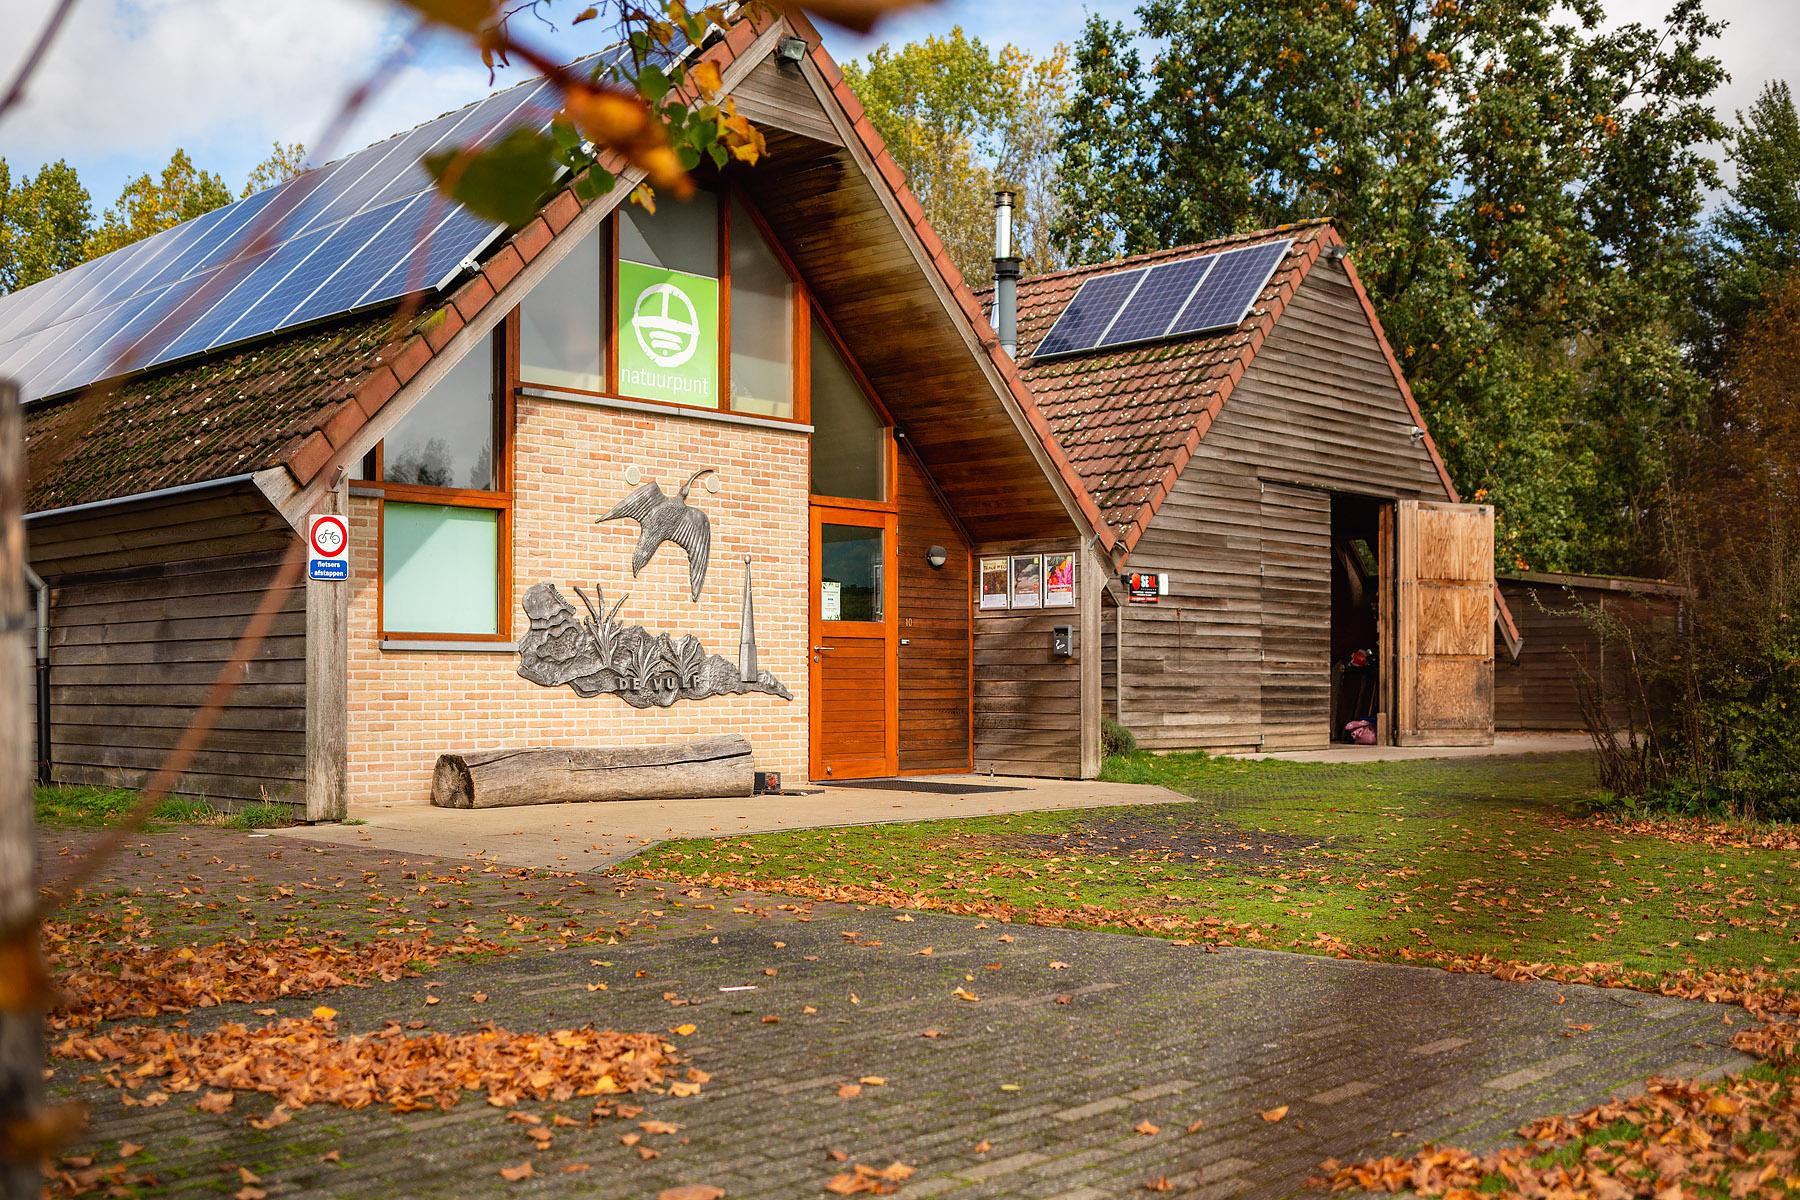 Hageven bezoekerscentrum in Pelt (Neerpelt), West-Vlaamse landschapsfotograaf Glenn Vanderbeke